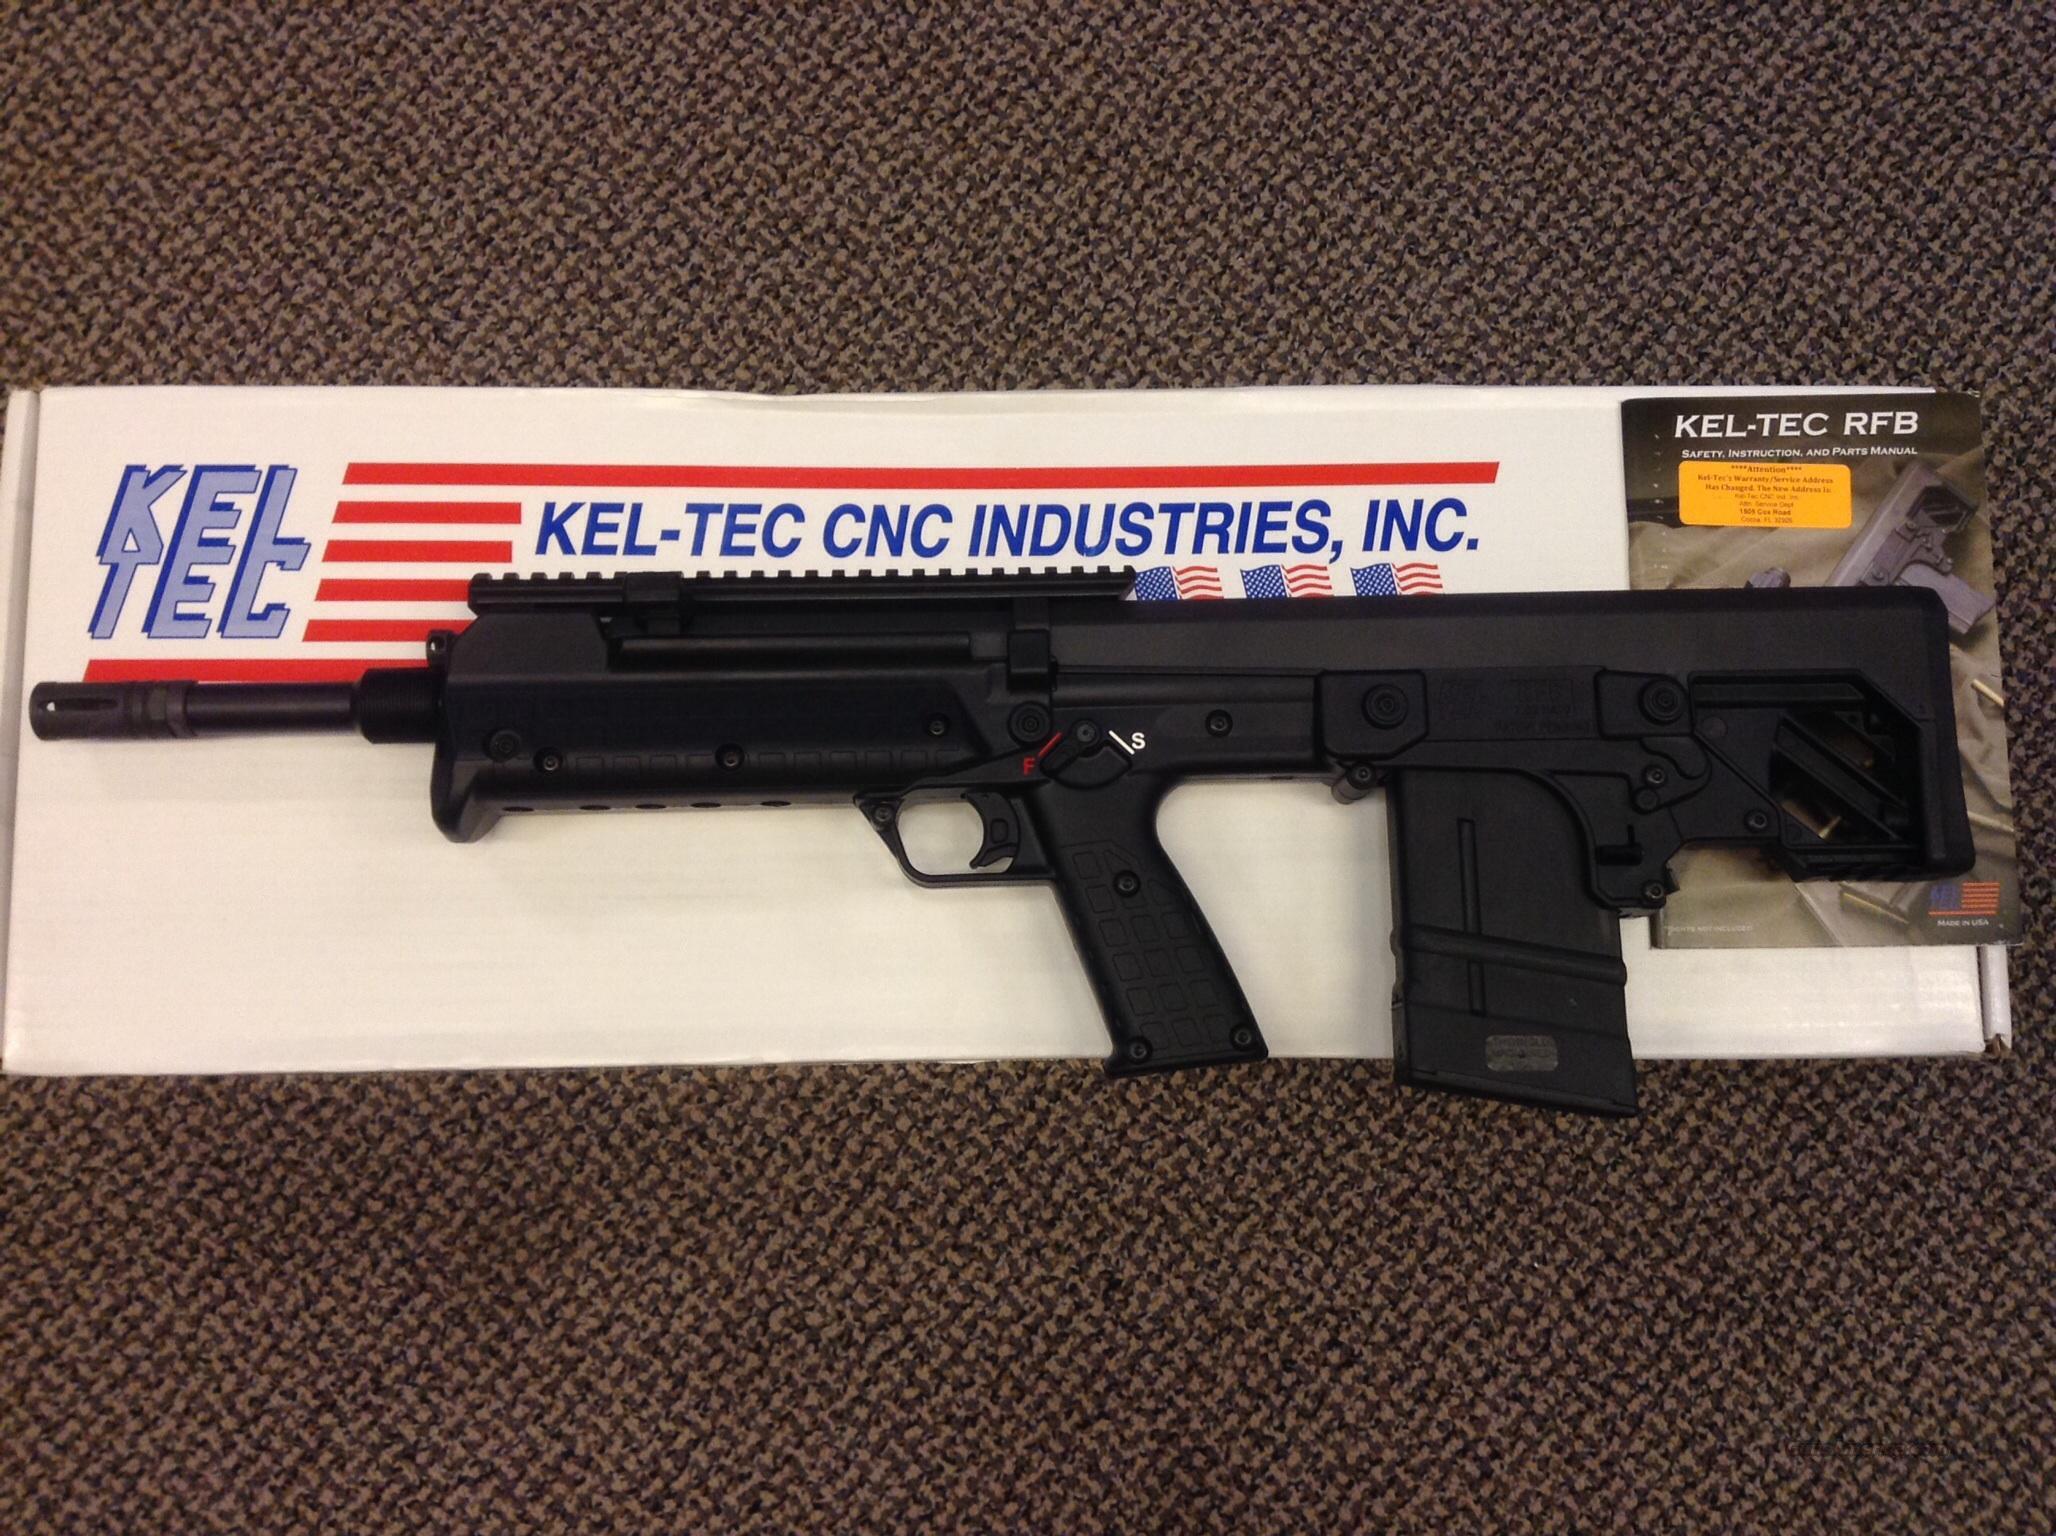 keltec rfb bullpup 7 62x51 308 new in box for sale rh gunsamerica com kel tec rfb user manual Kel-Tec KSG